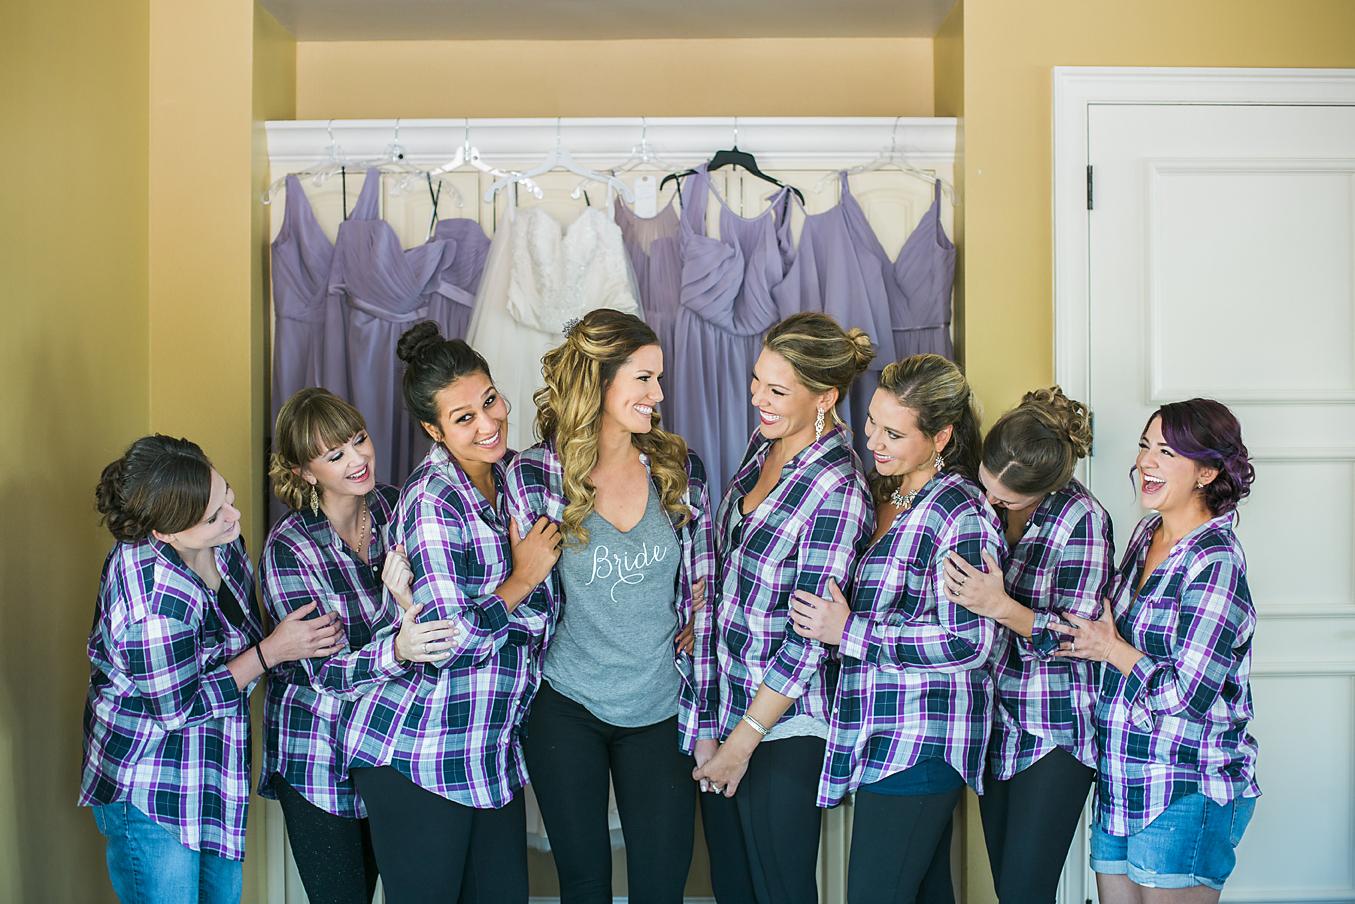 Audrey + Jonathan - Westshore Yacht Club Wedding Photography - Sarasota Wedding Photography - Emily & Co. Photography - 13.jpg